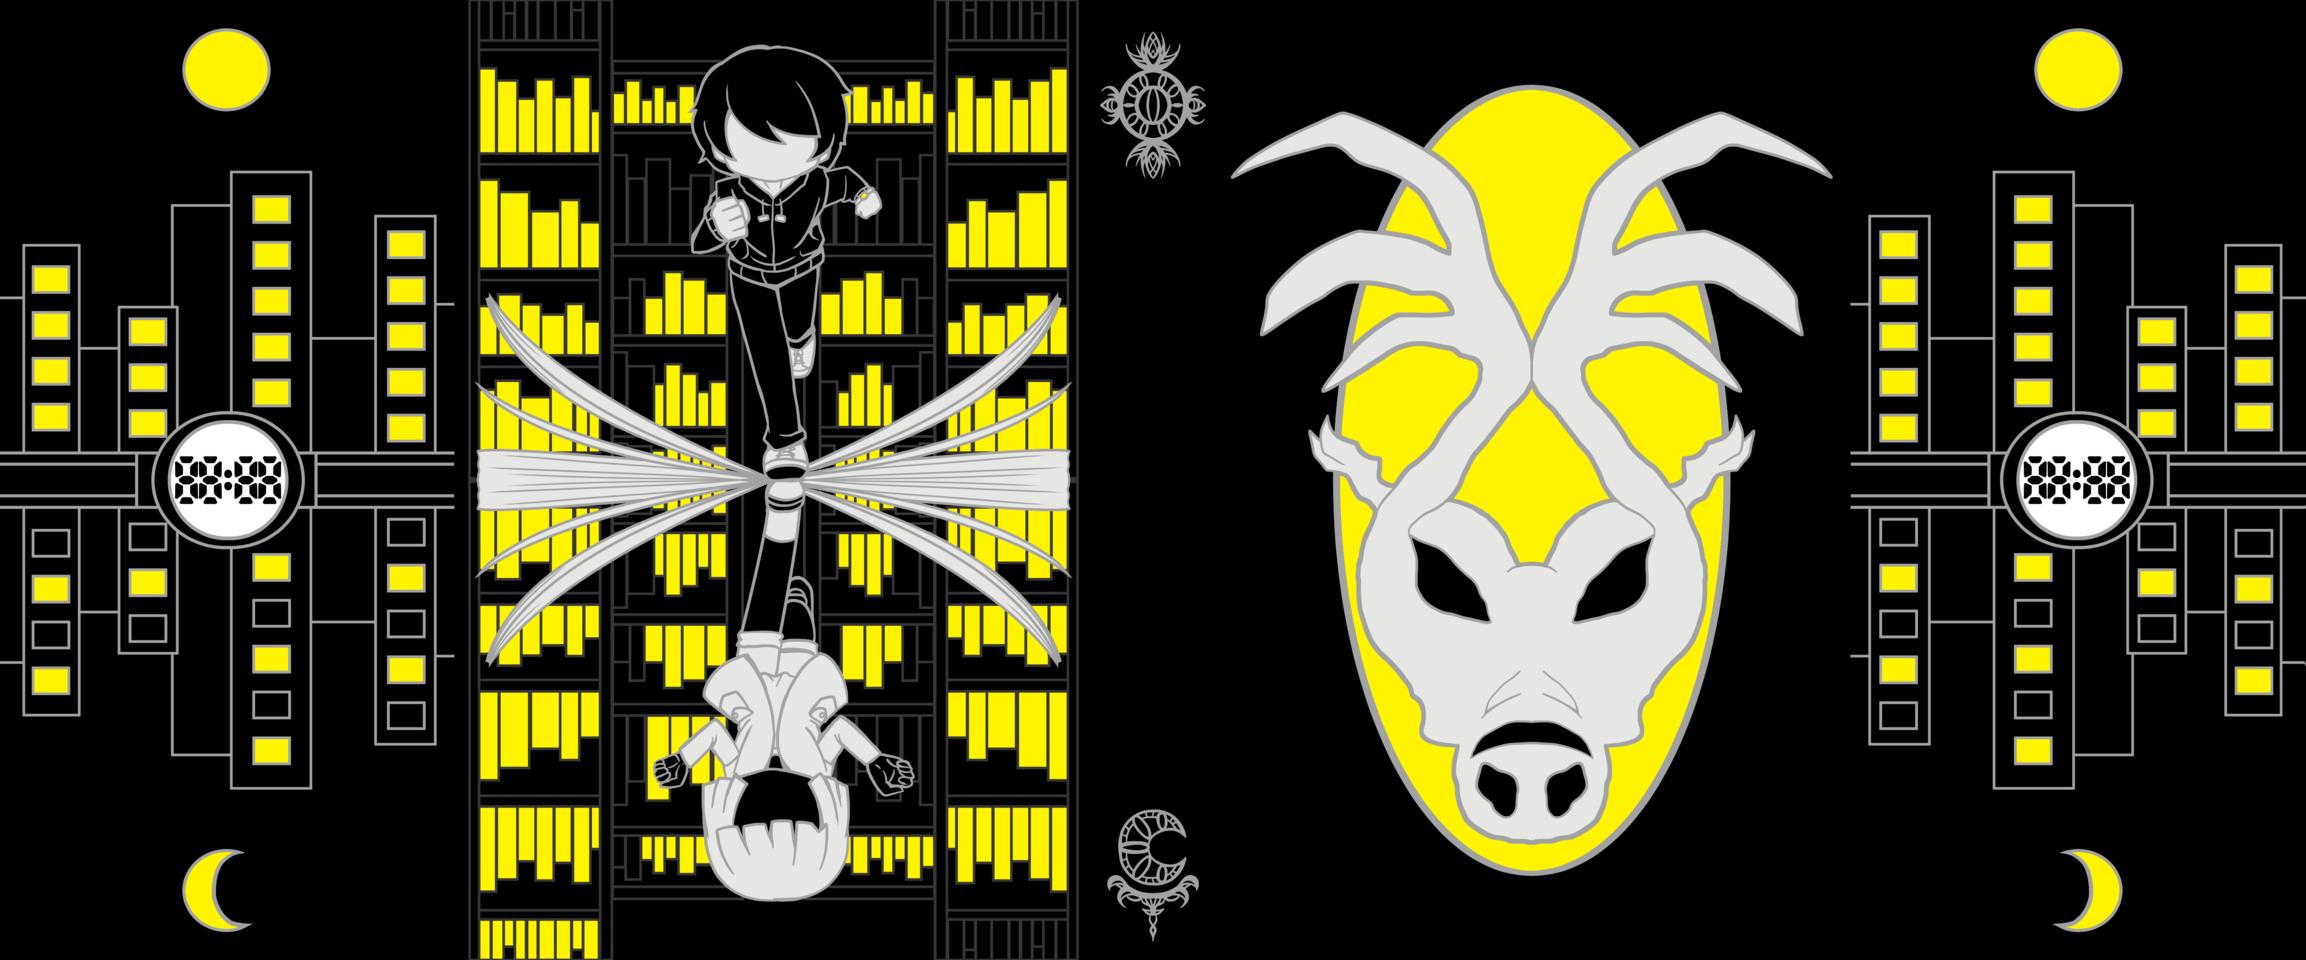 ぐるりと Illust of 雨月聖夜 Spinning_contest